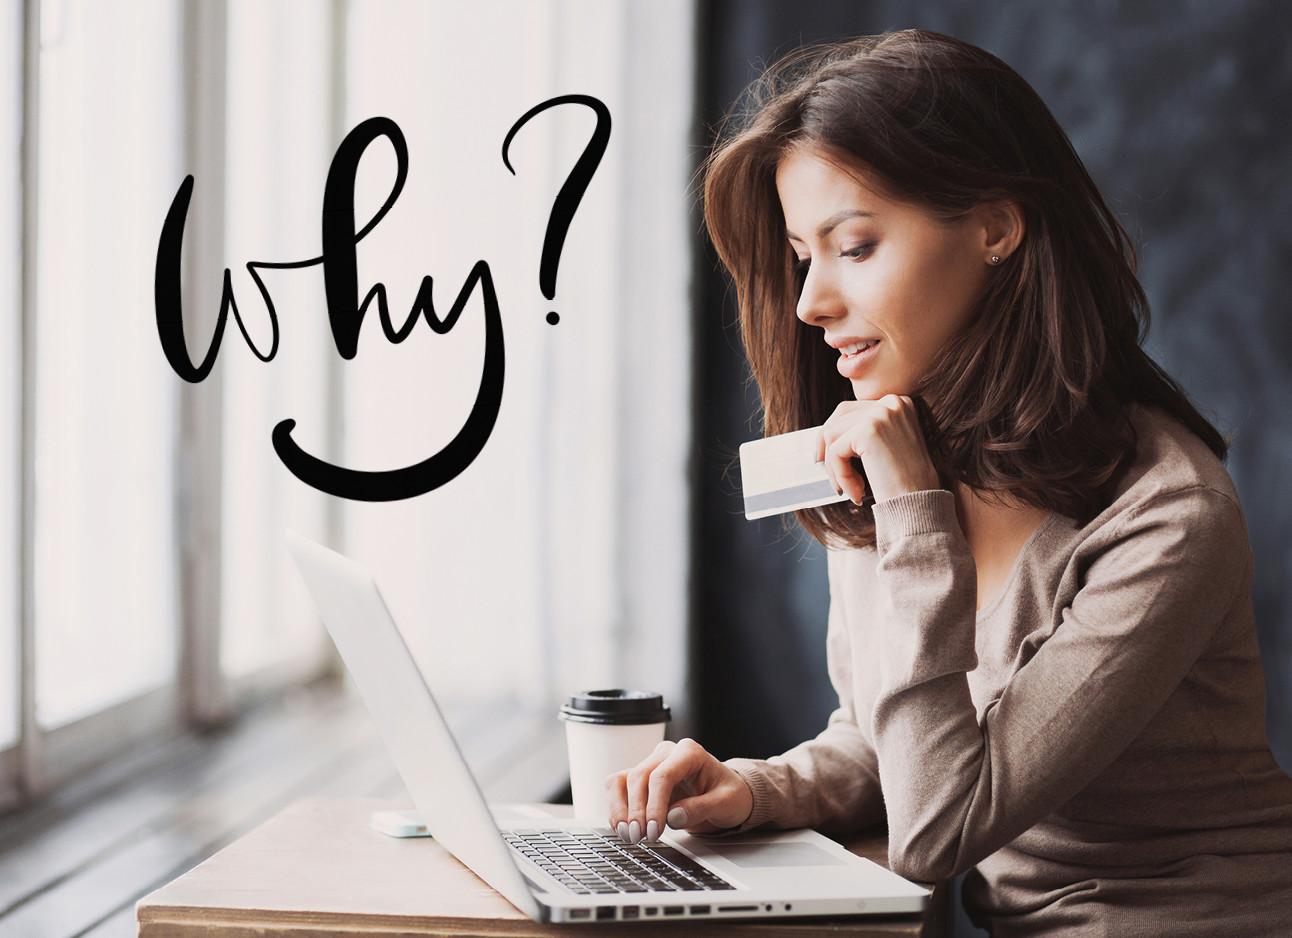 vrouw die online aan het winkelen is